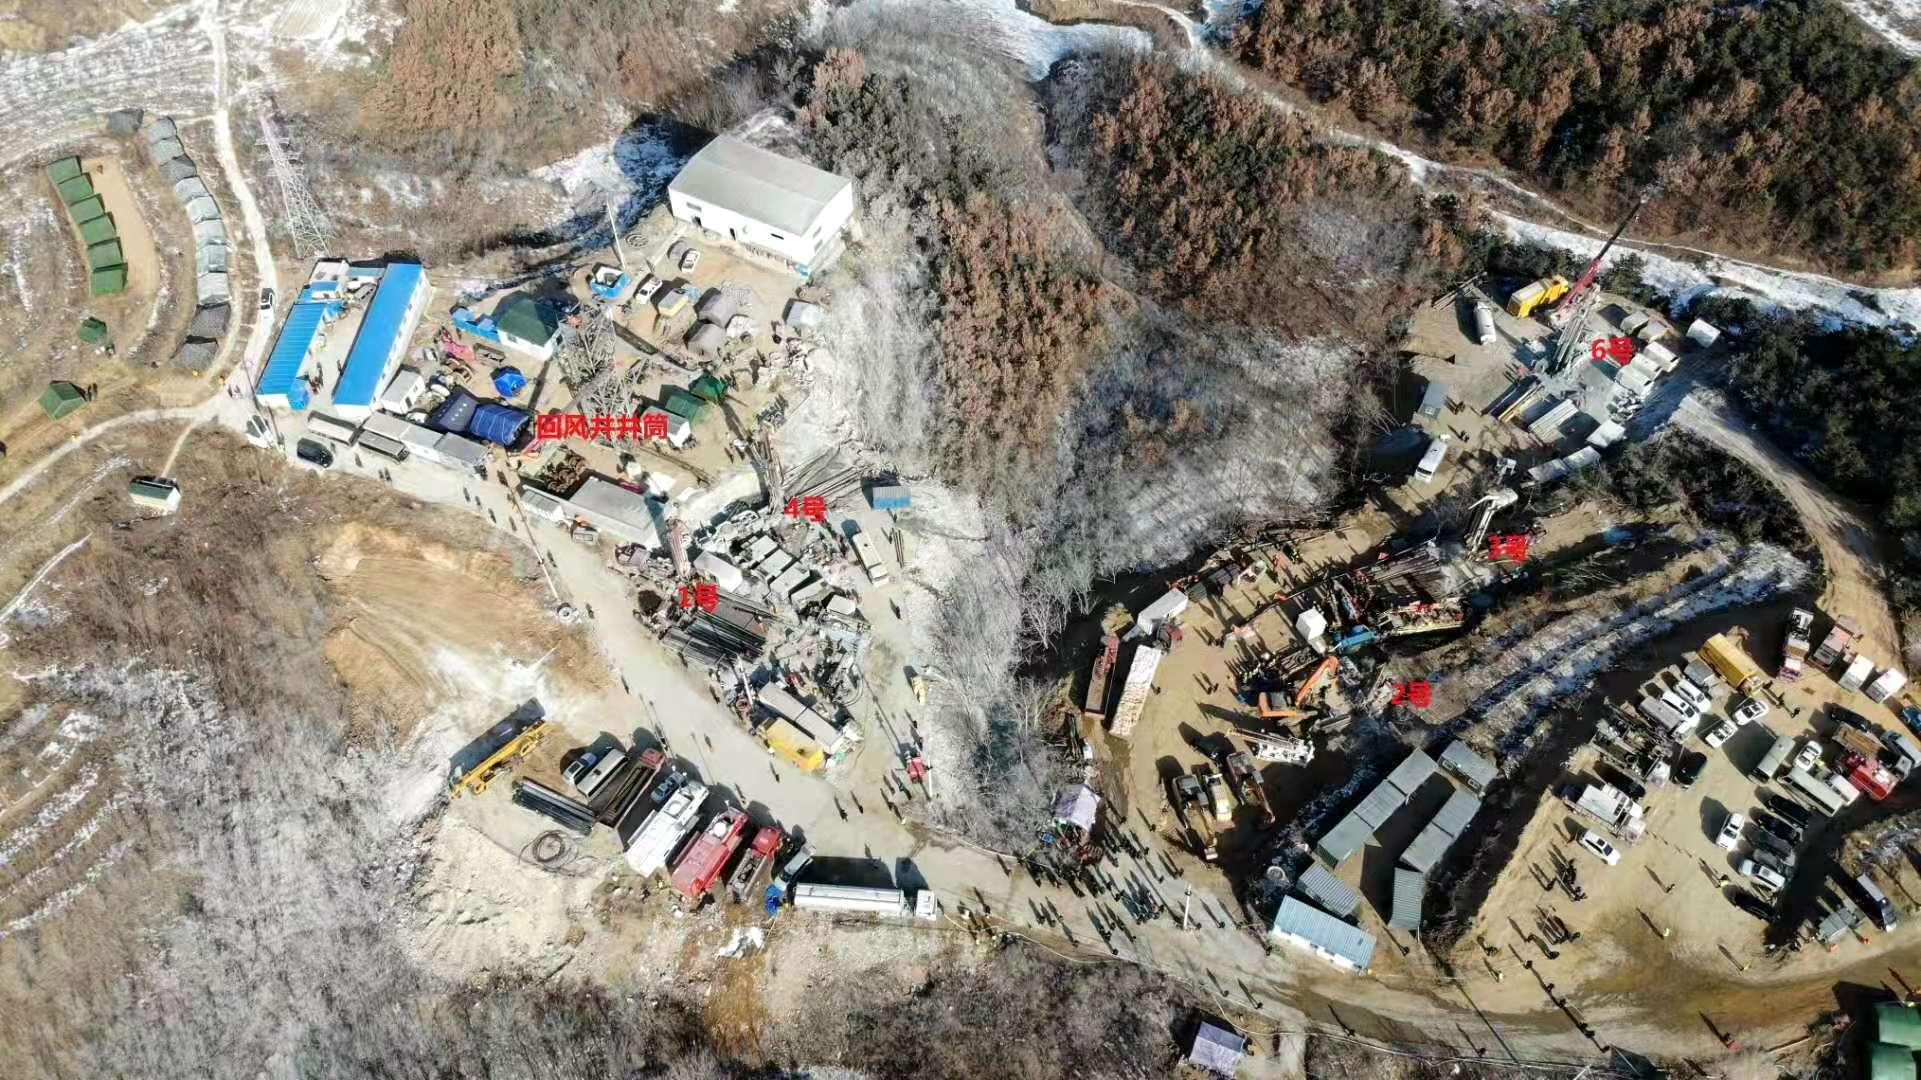 山东栖霞金矿事故现场又一救生孔打通,6个钻孔同时施救